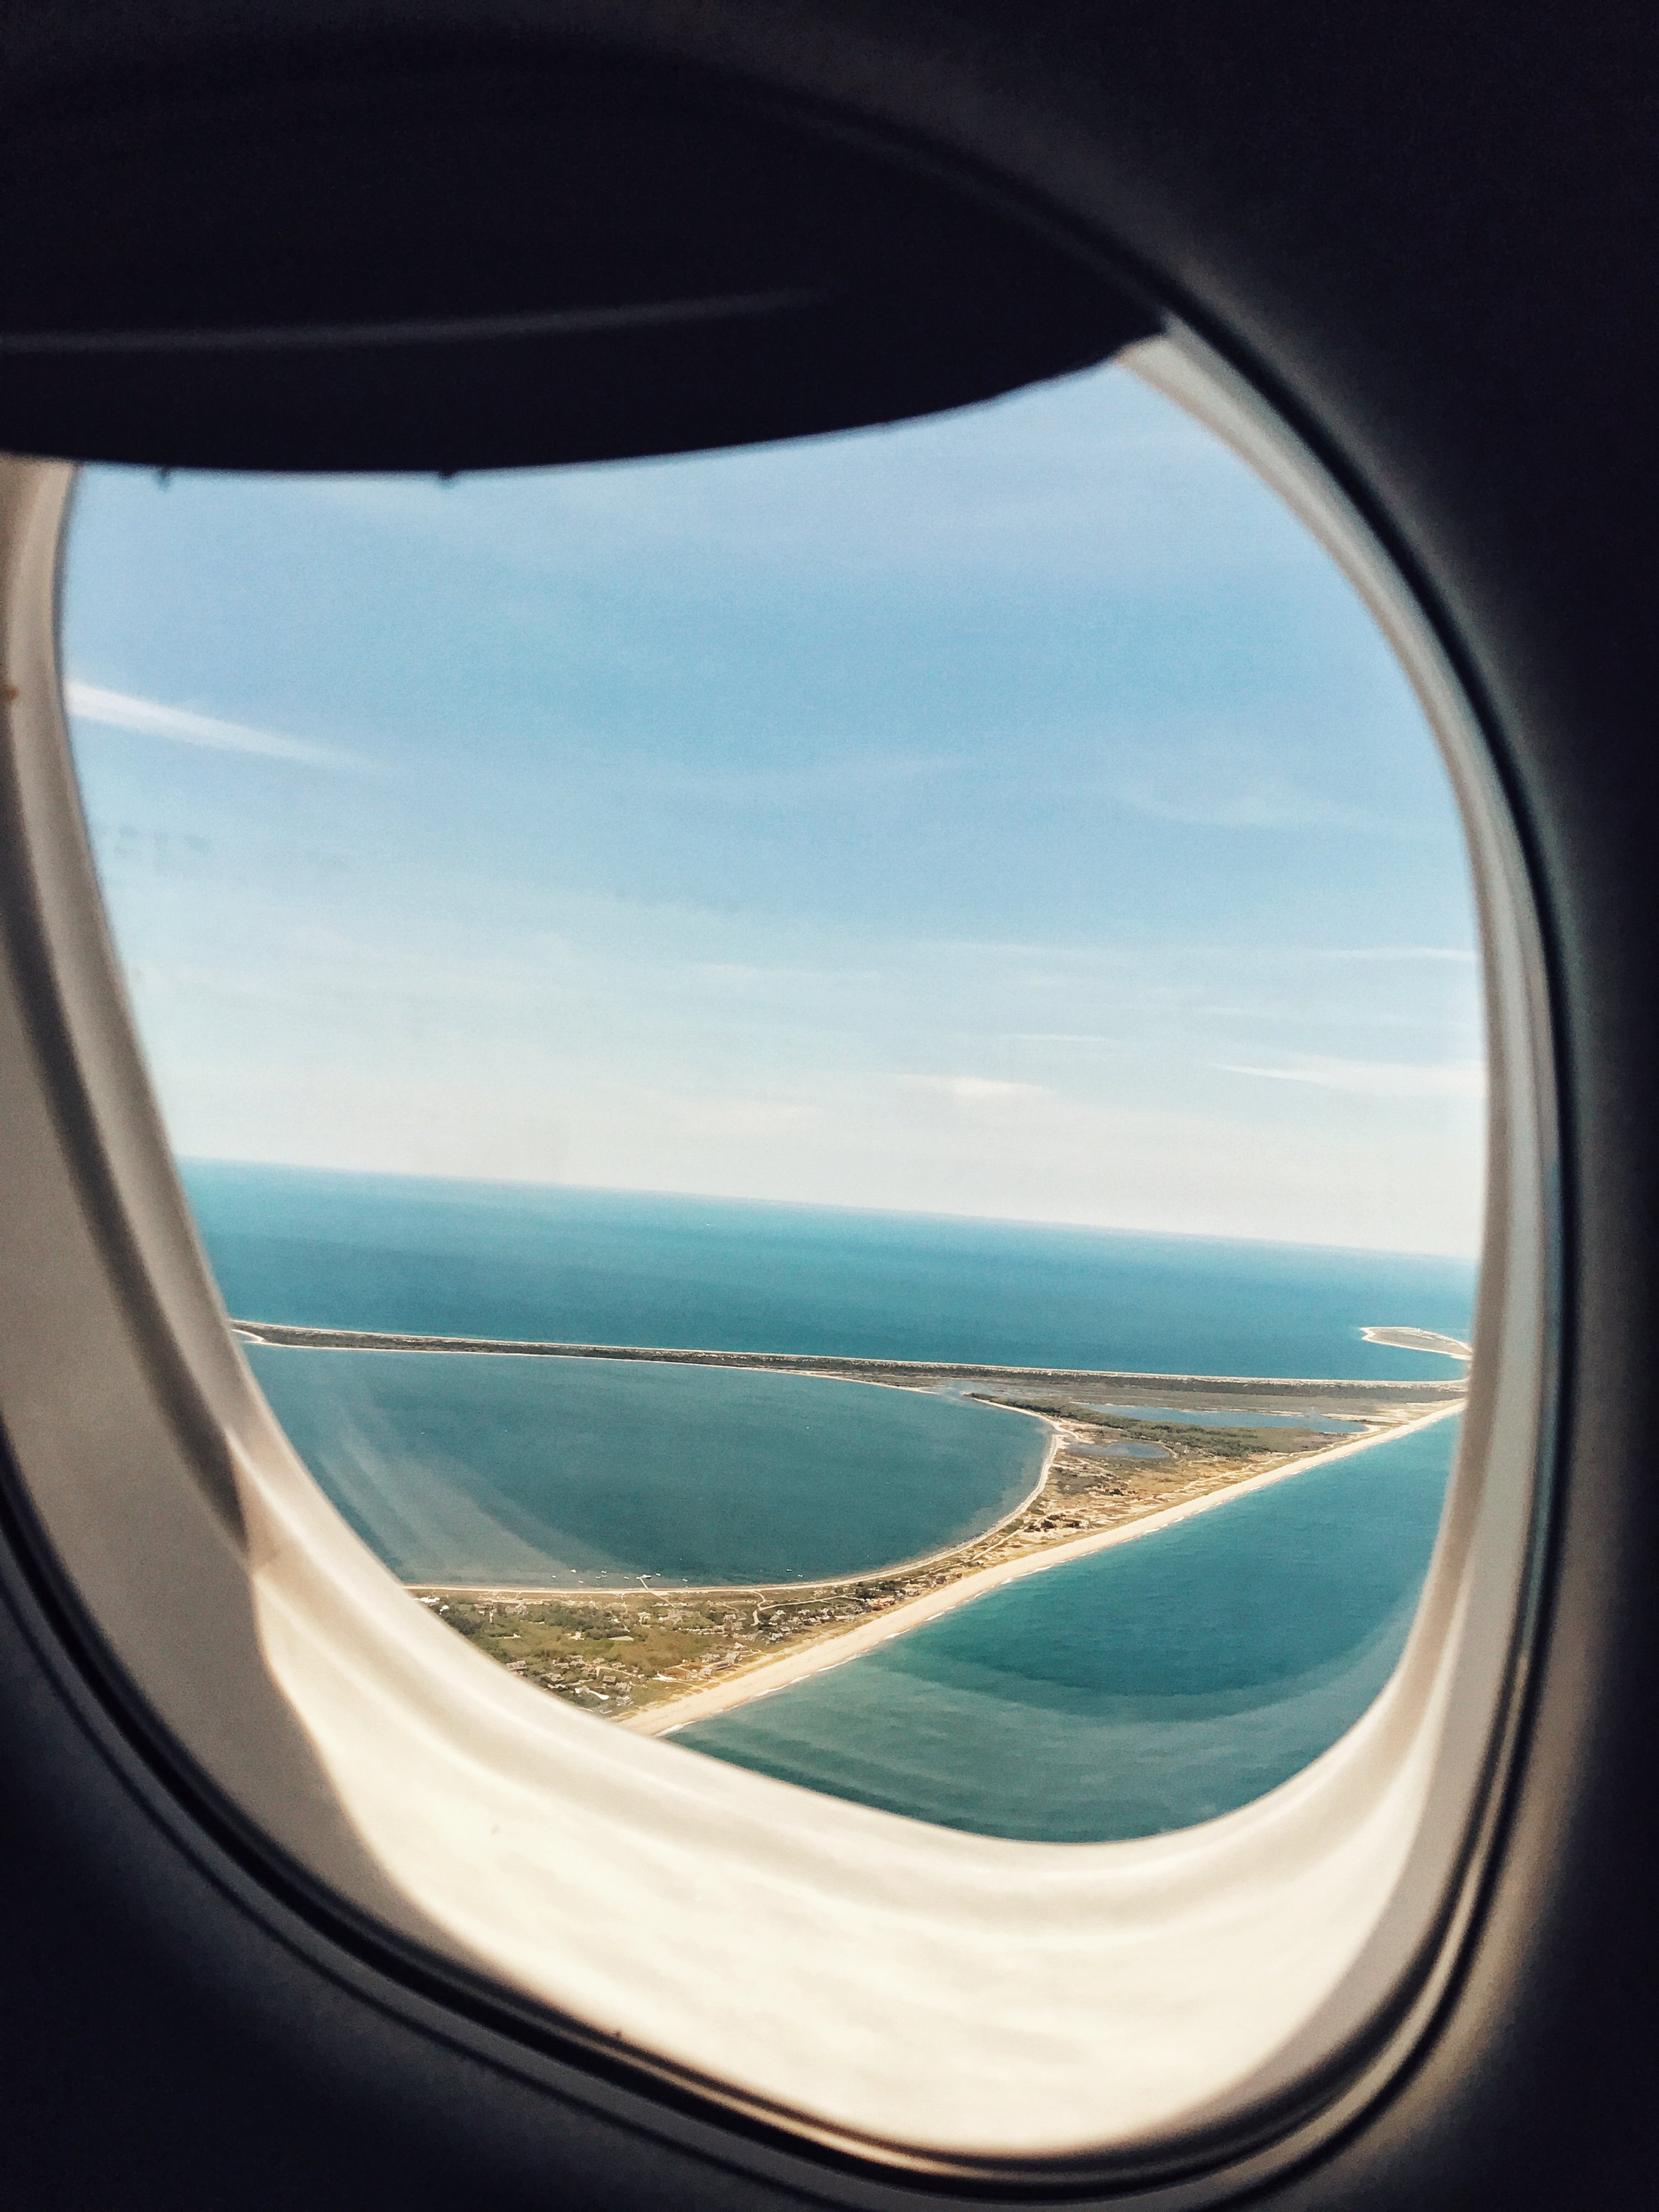 Flying into Nantucket